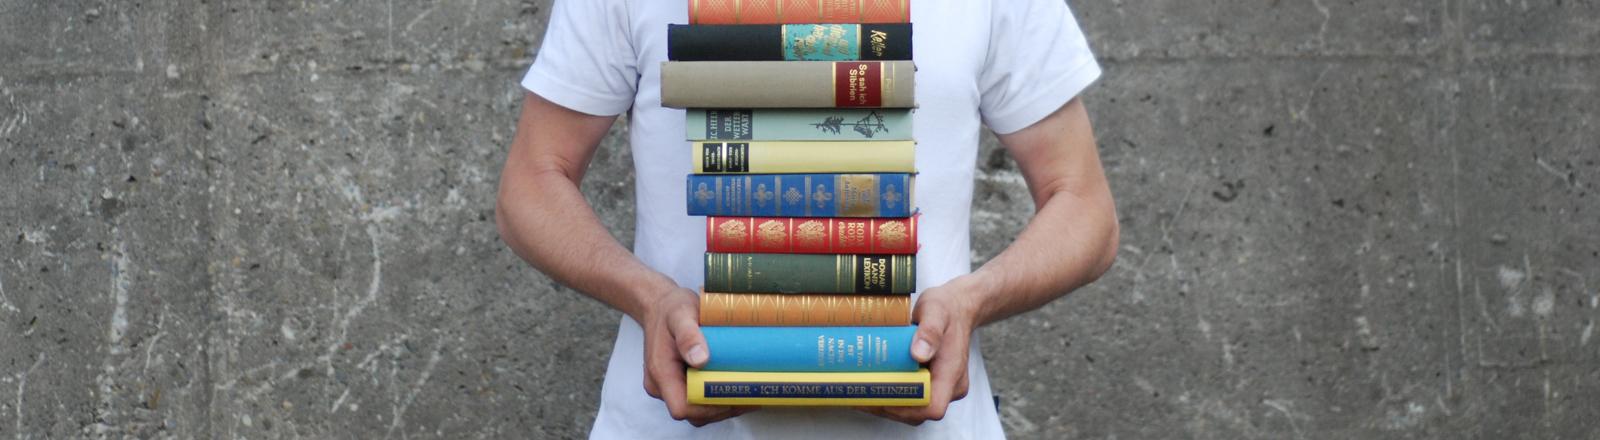 Jemand hält einen Stapel Bücher in den Händen.